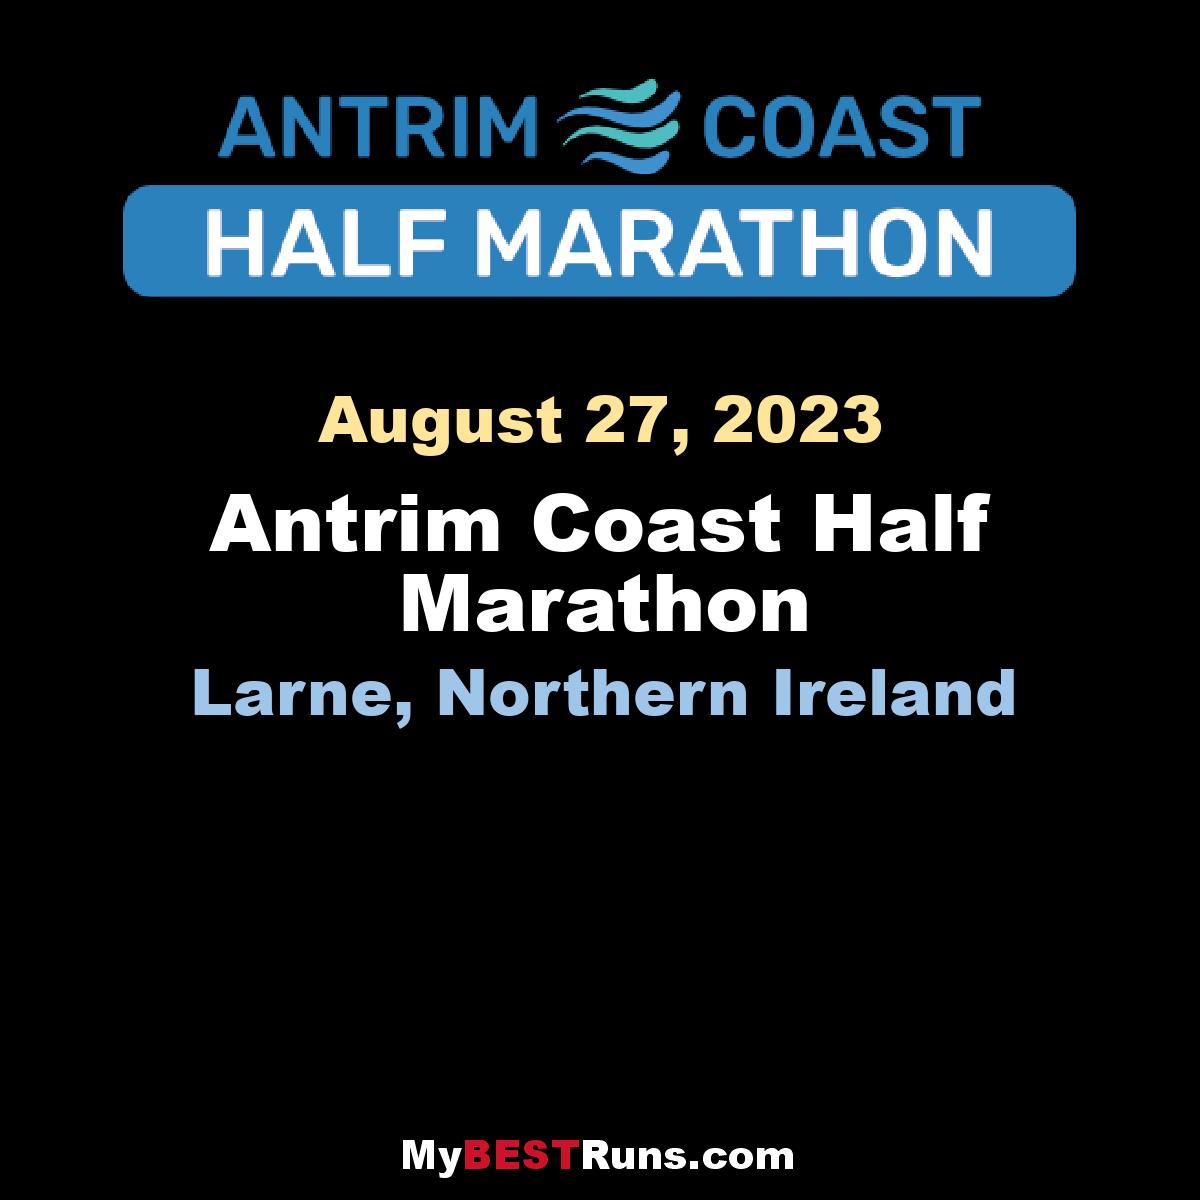 Antrim Coast Half Marathon